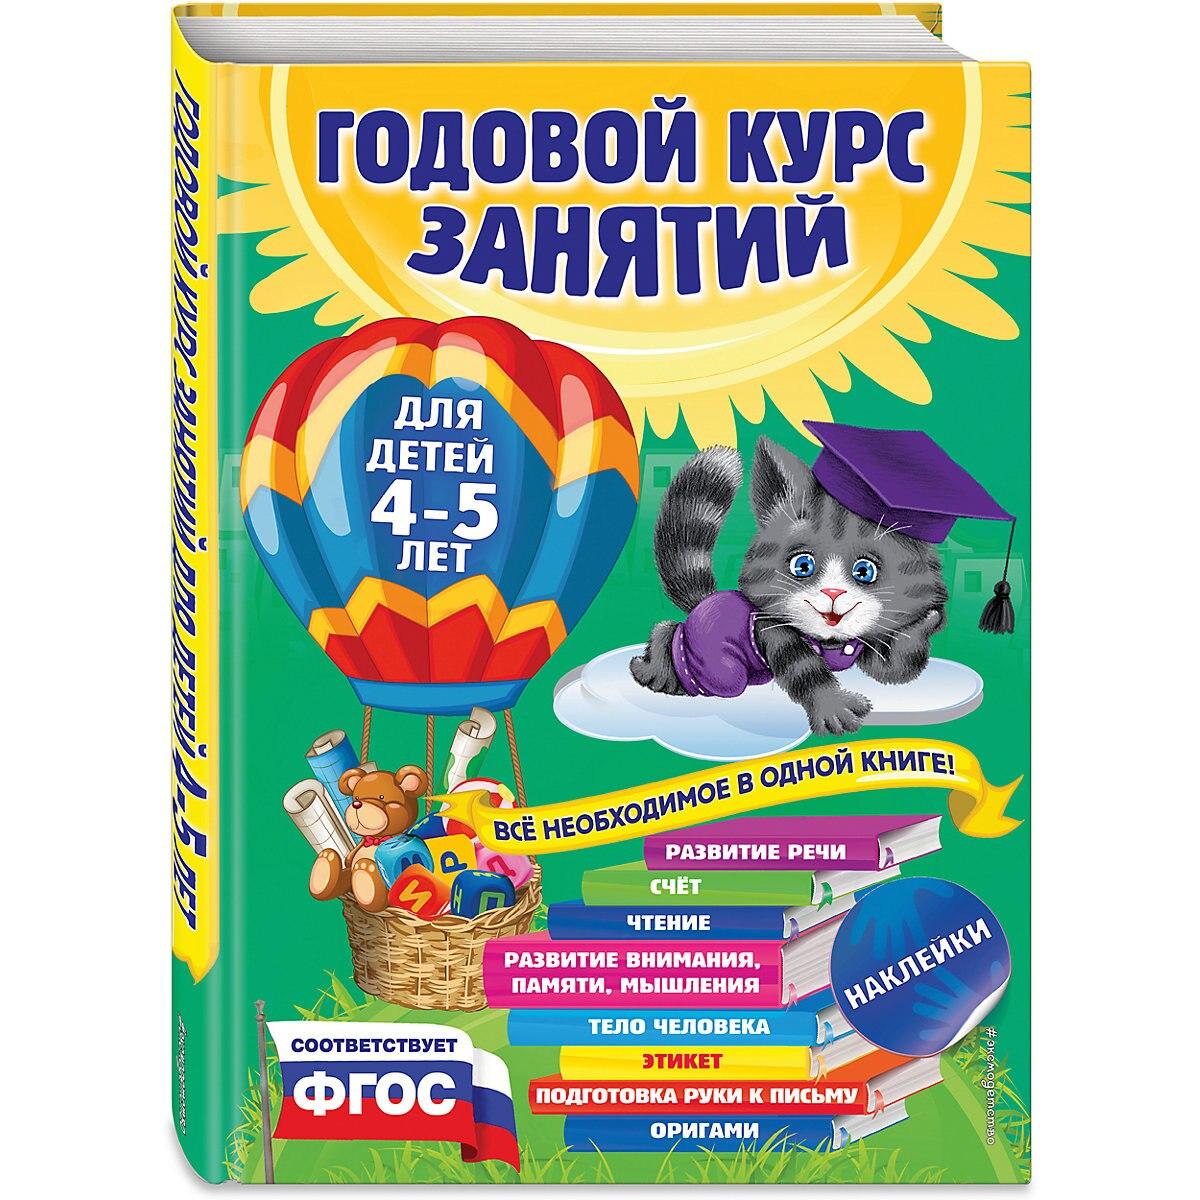 Libros EKSMO 4355898 niños educación encyclope alfabeto diccionario libro para bebé MTpromo